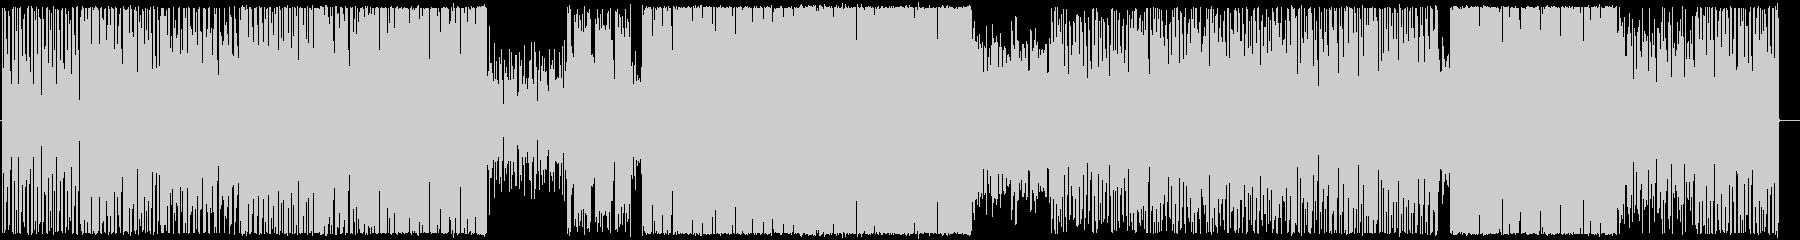 シリアスな雰囲気のゲーム用途BGMの未再生の波形